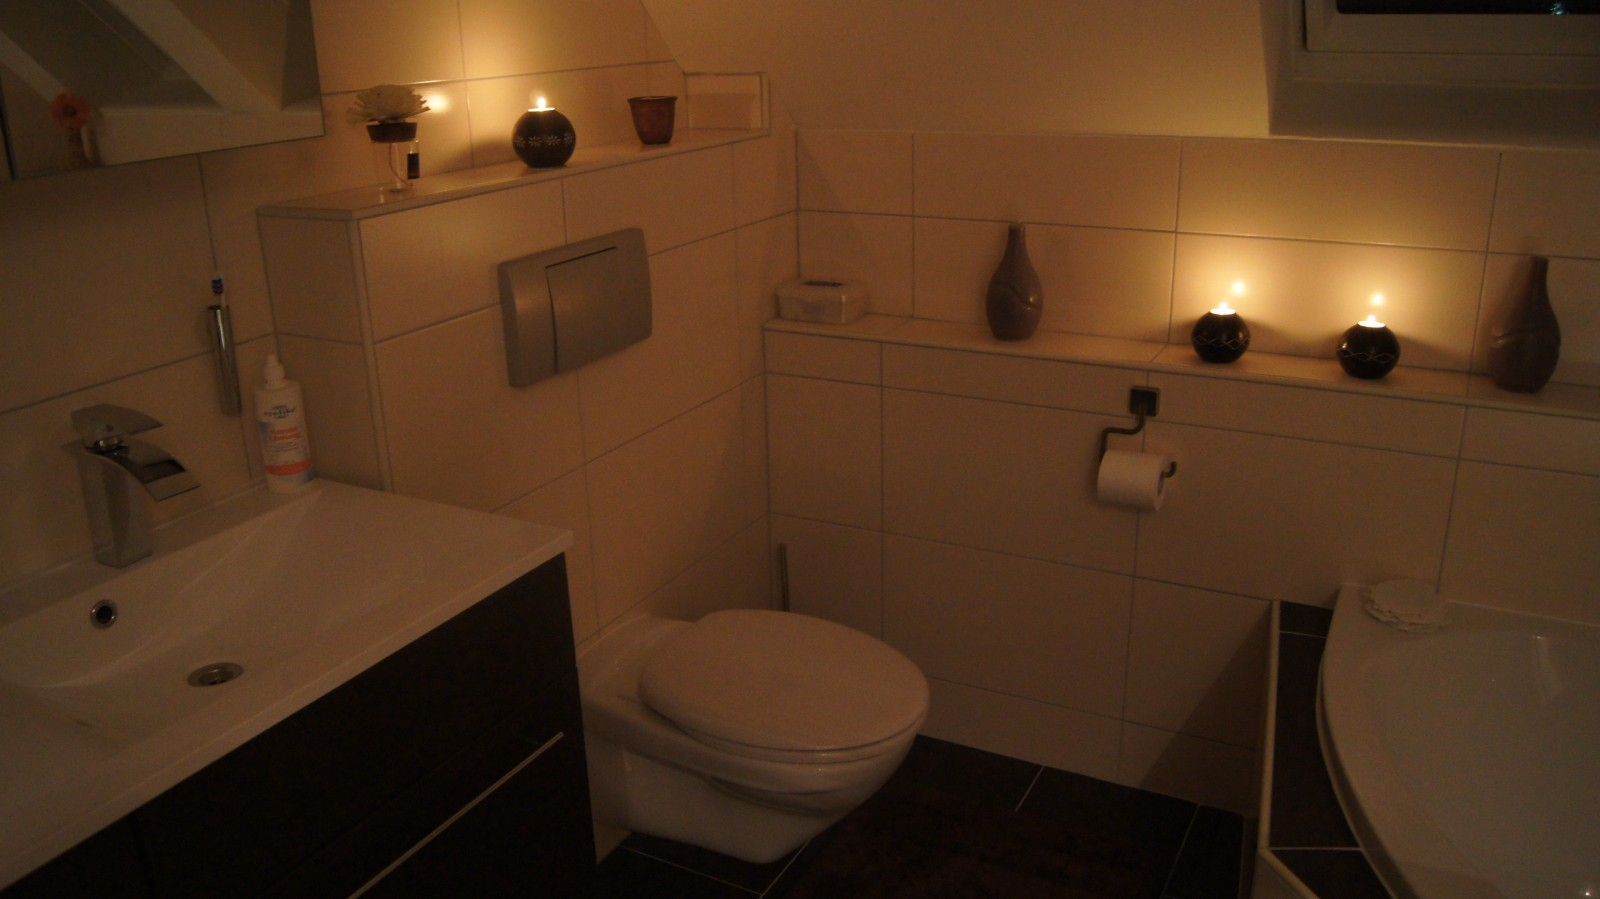 Bad 39 badezimmer 39 muckelh uschen zimmerschau for Bad braun beige